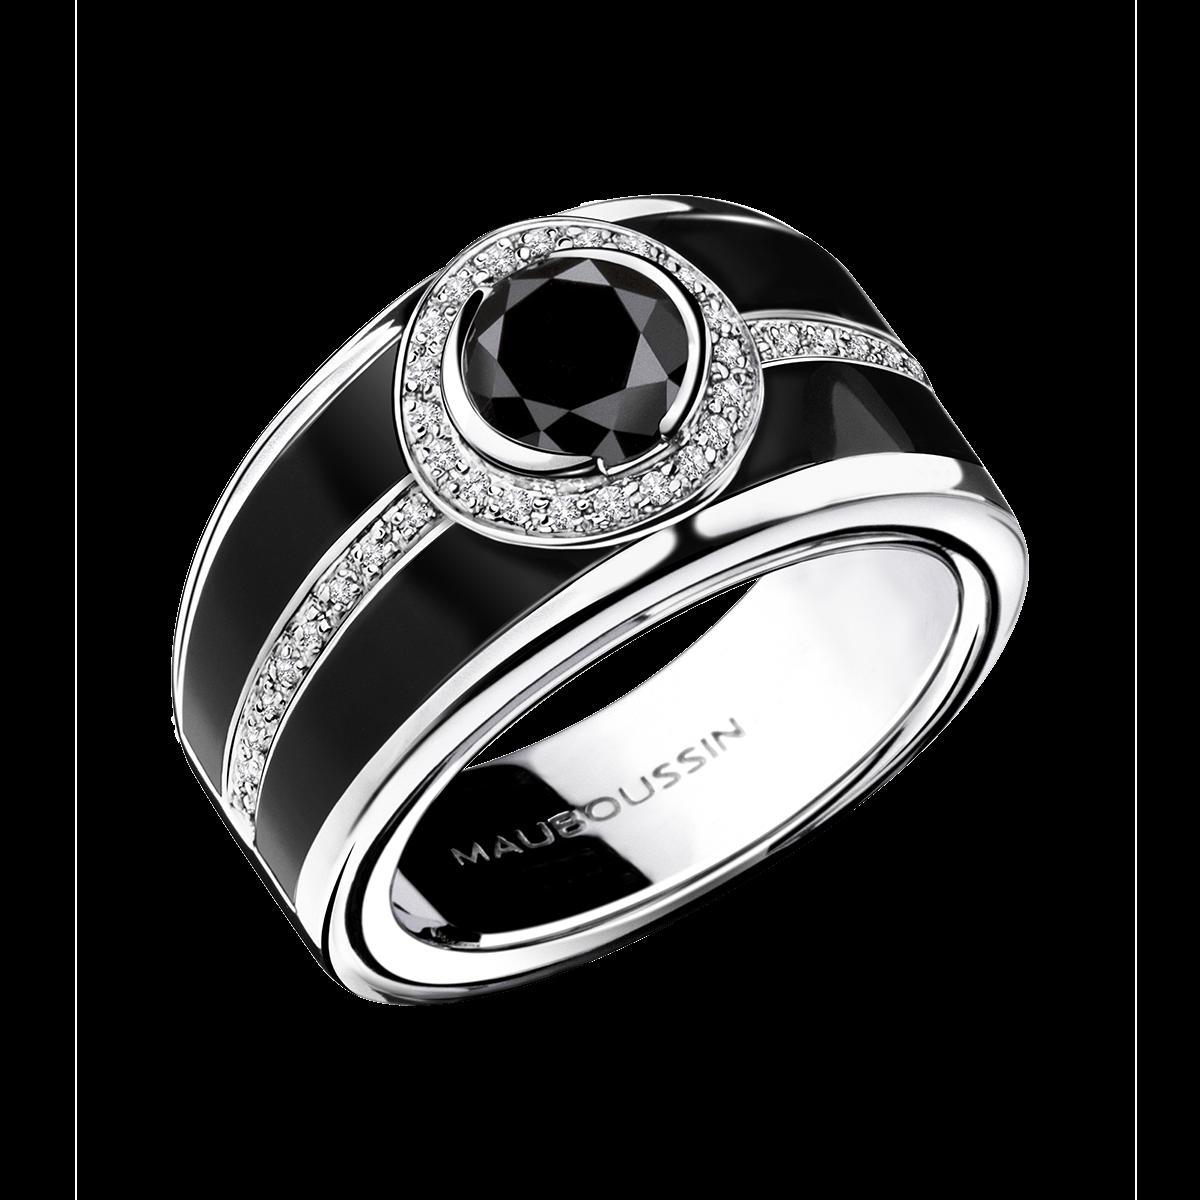 Top Bague L'Oeuvre Noire, or blanc, diamant noir et laque noire  RX16